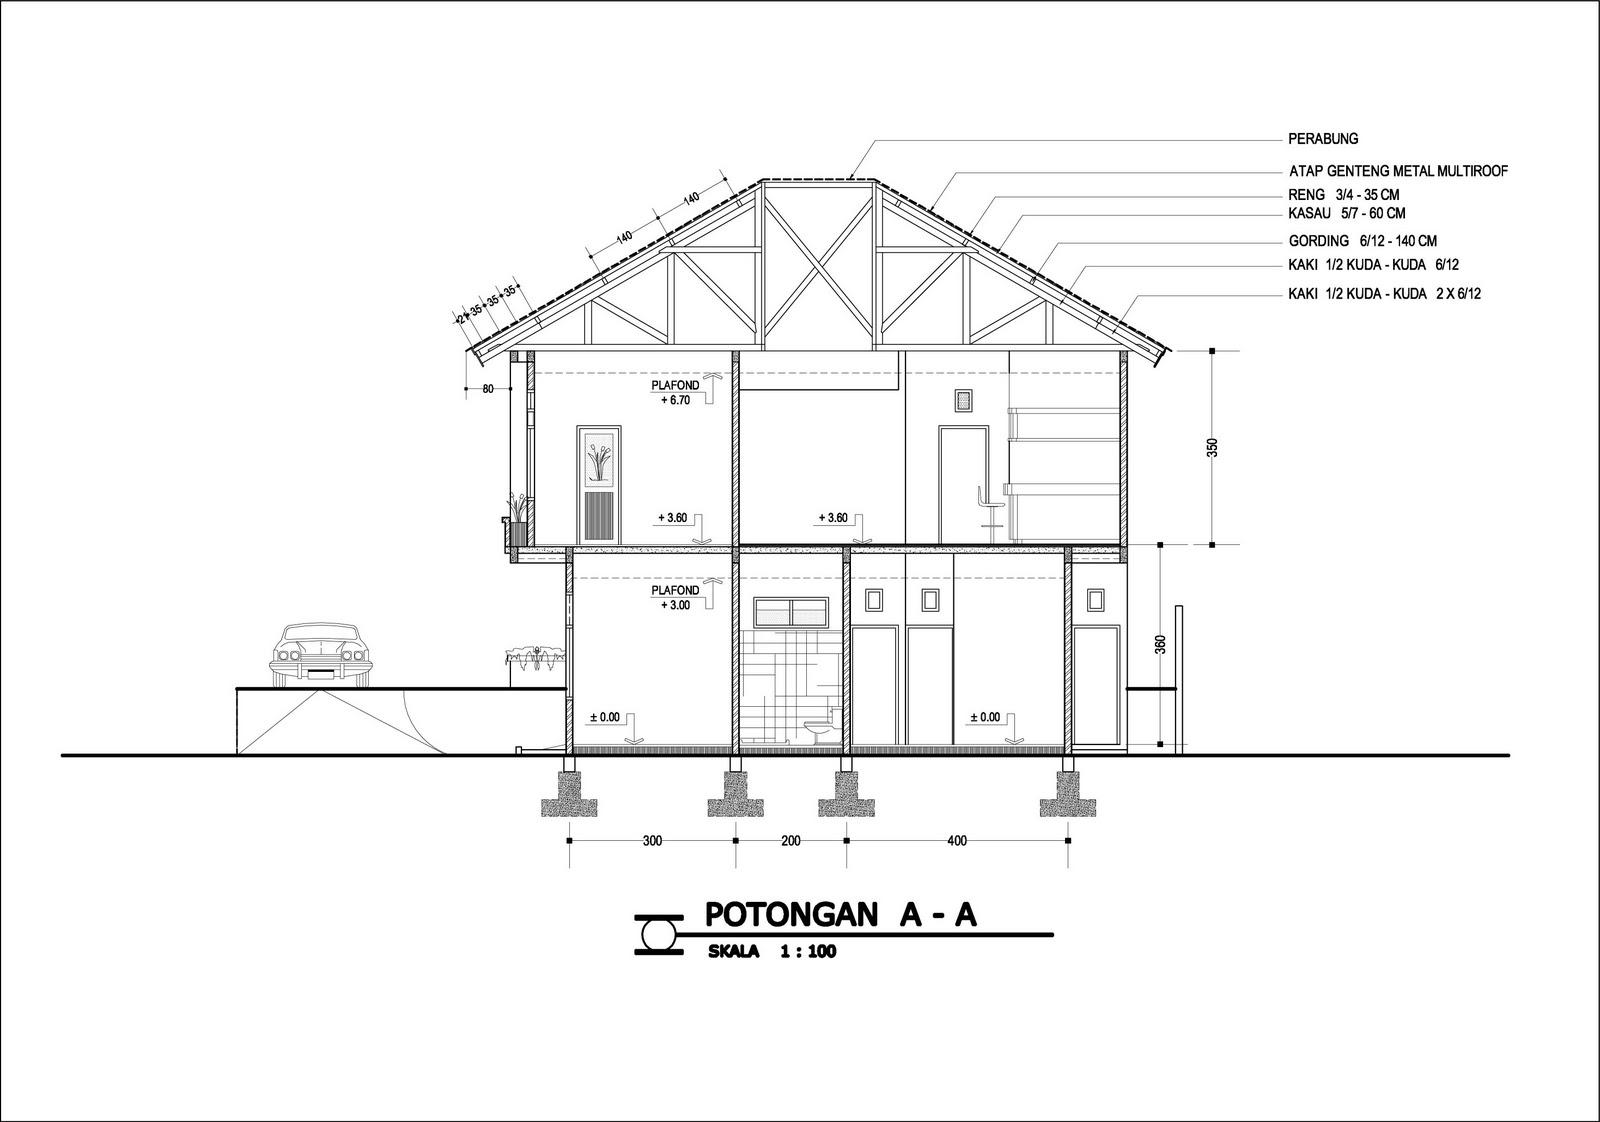 Image Result For Gambar Desain Rumah Minimalis Kayu